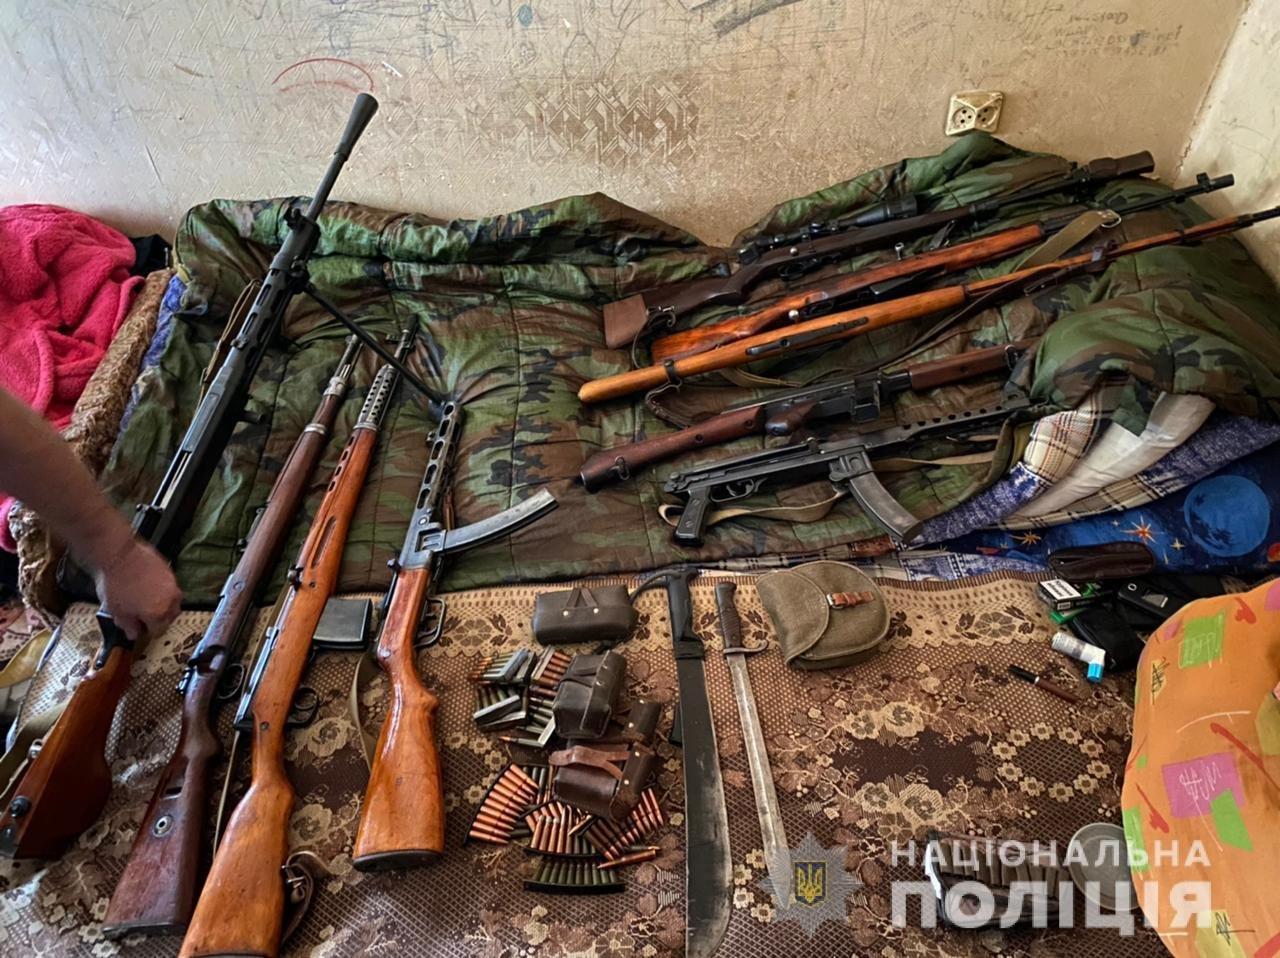 В Одессе во время обысков у преступников изъяли винтовки, пулеметы и ножи, - ФОТО, фото-3